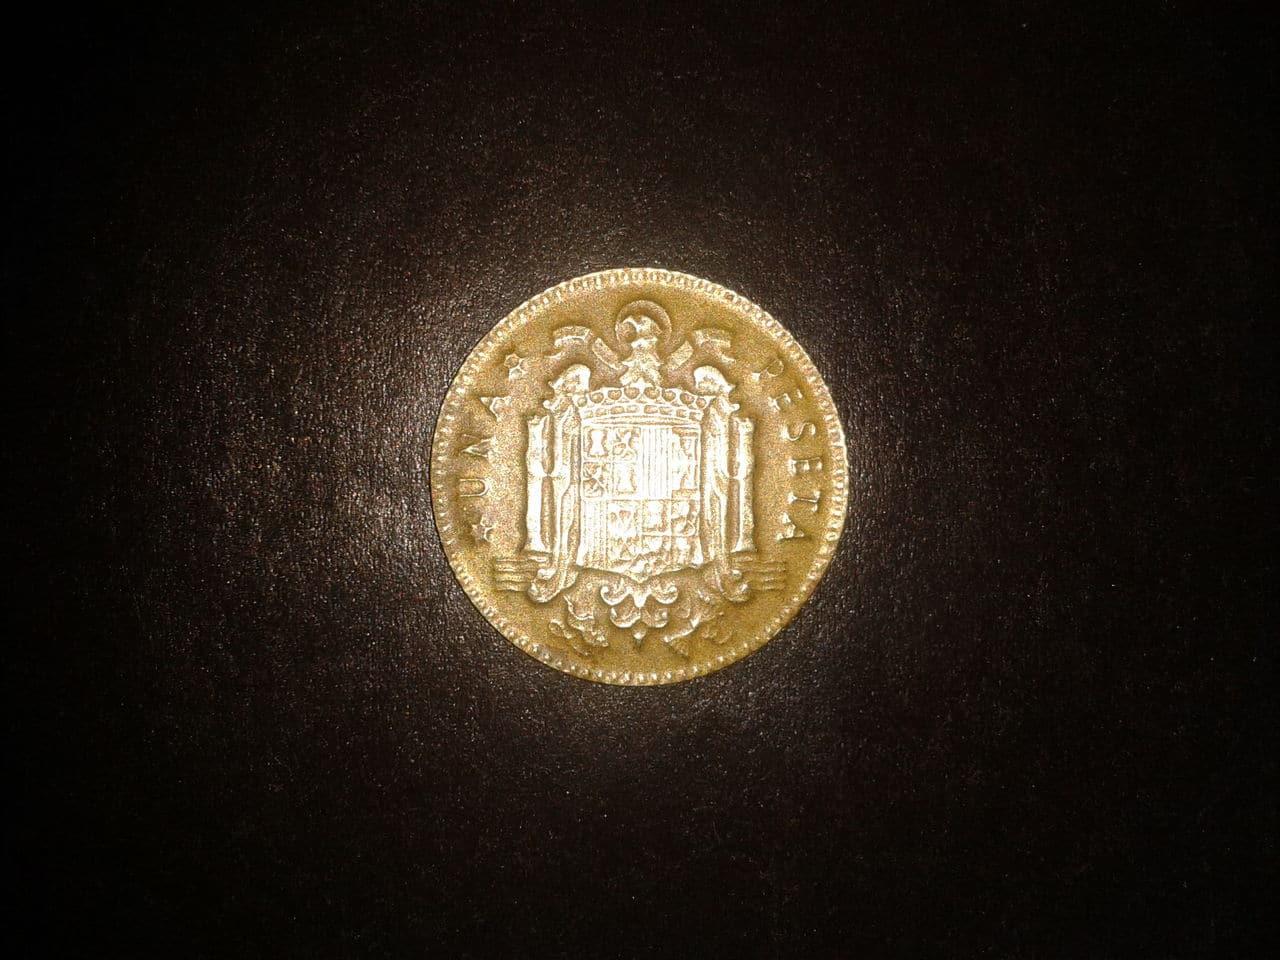 peseta de oro Franco 1966 2014_08_23_14_54_20